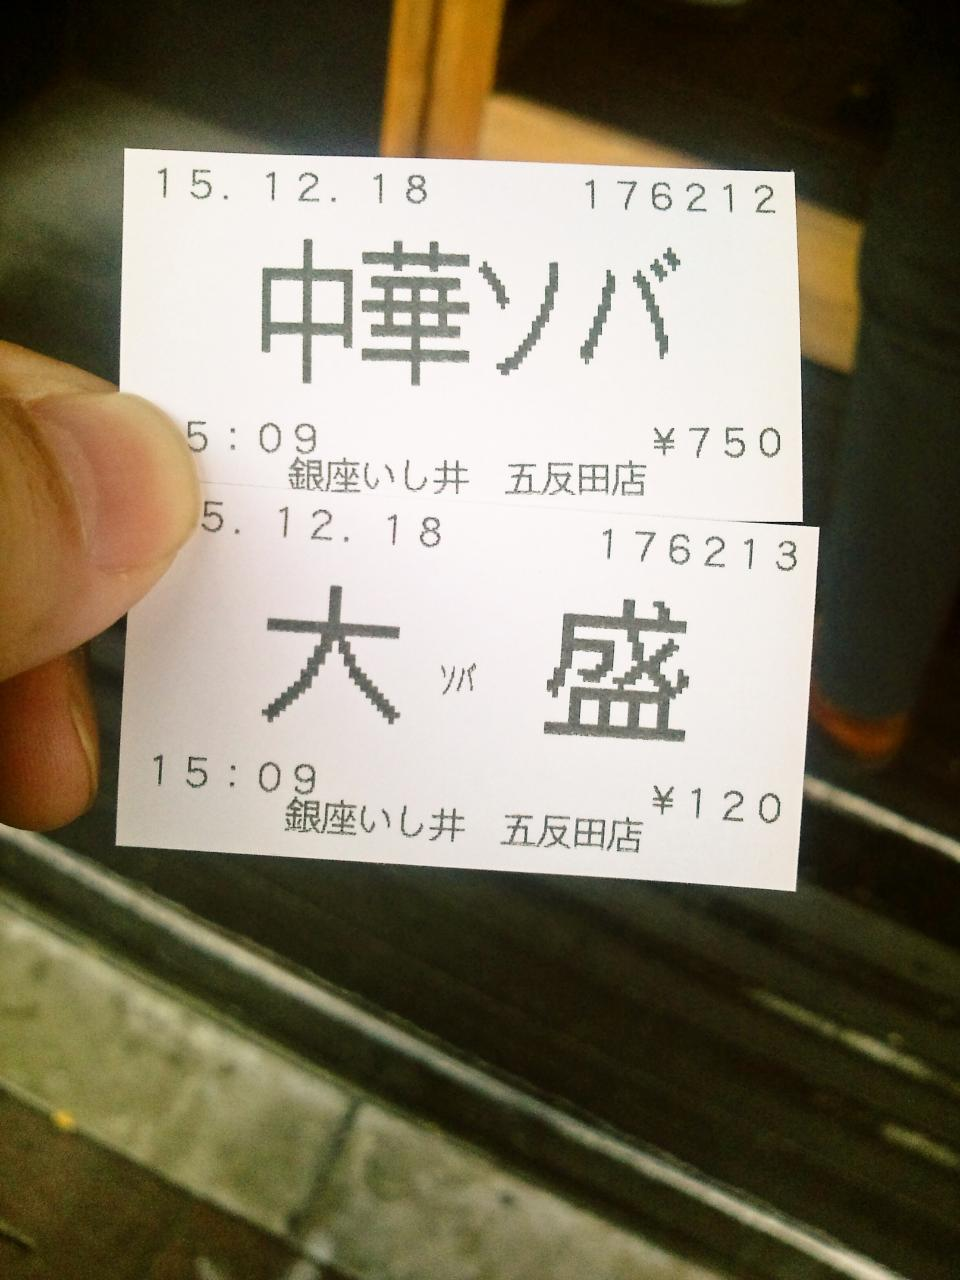 銀座いし井五反田店(店舗)